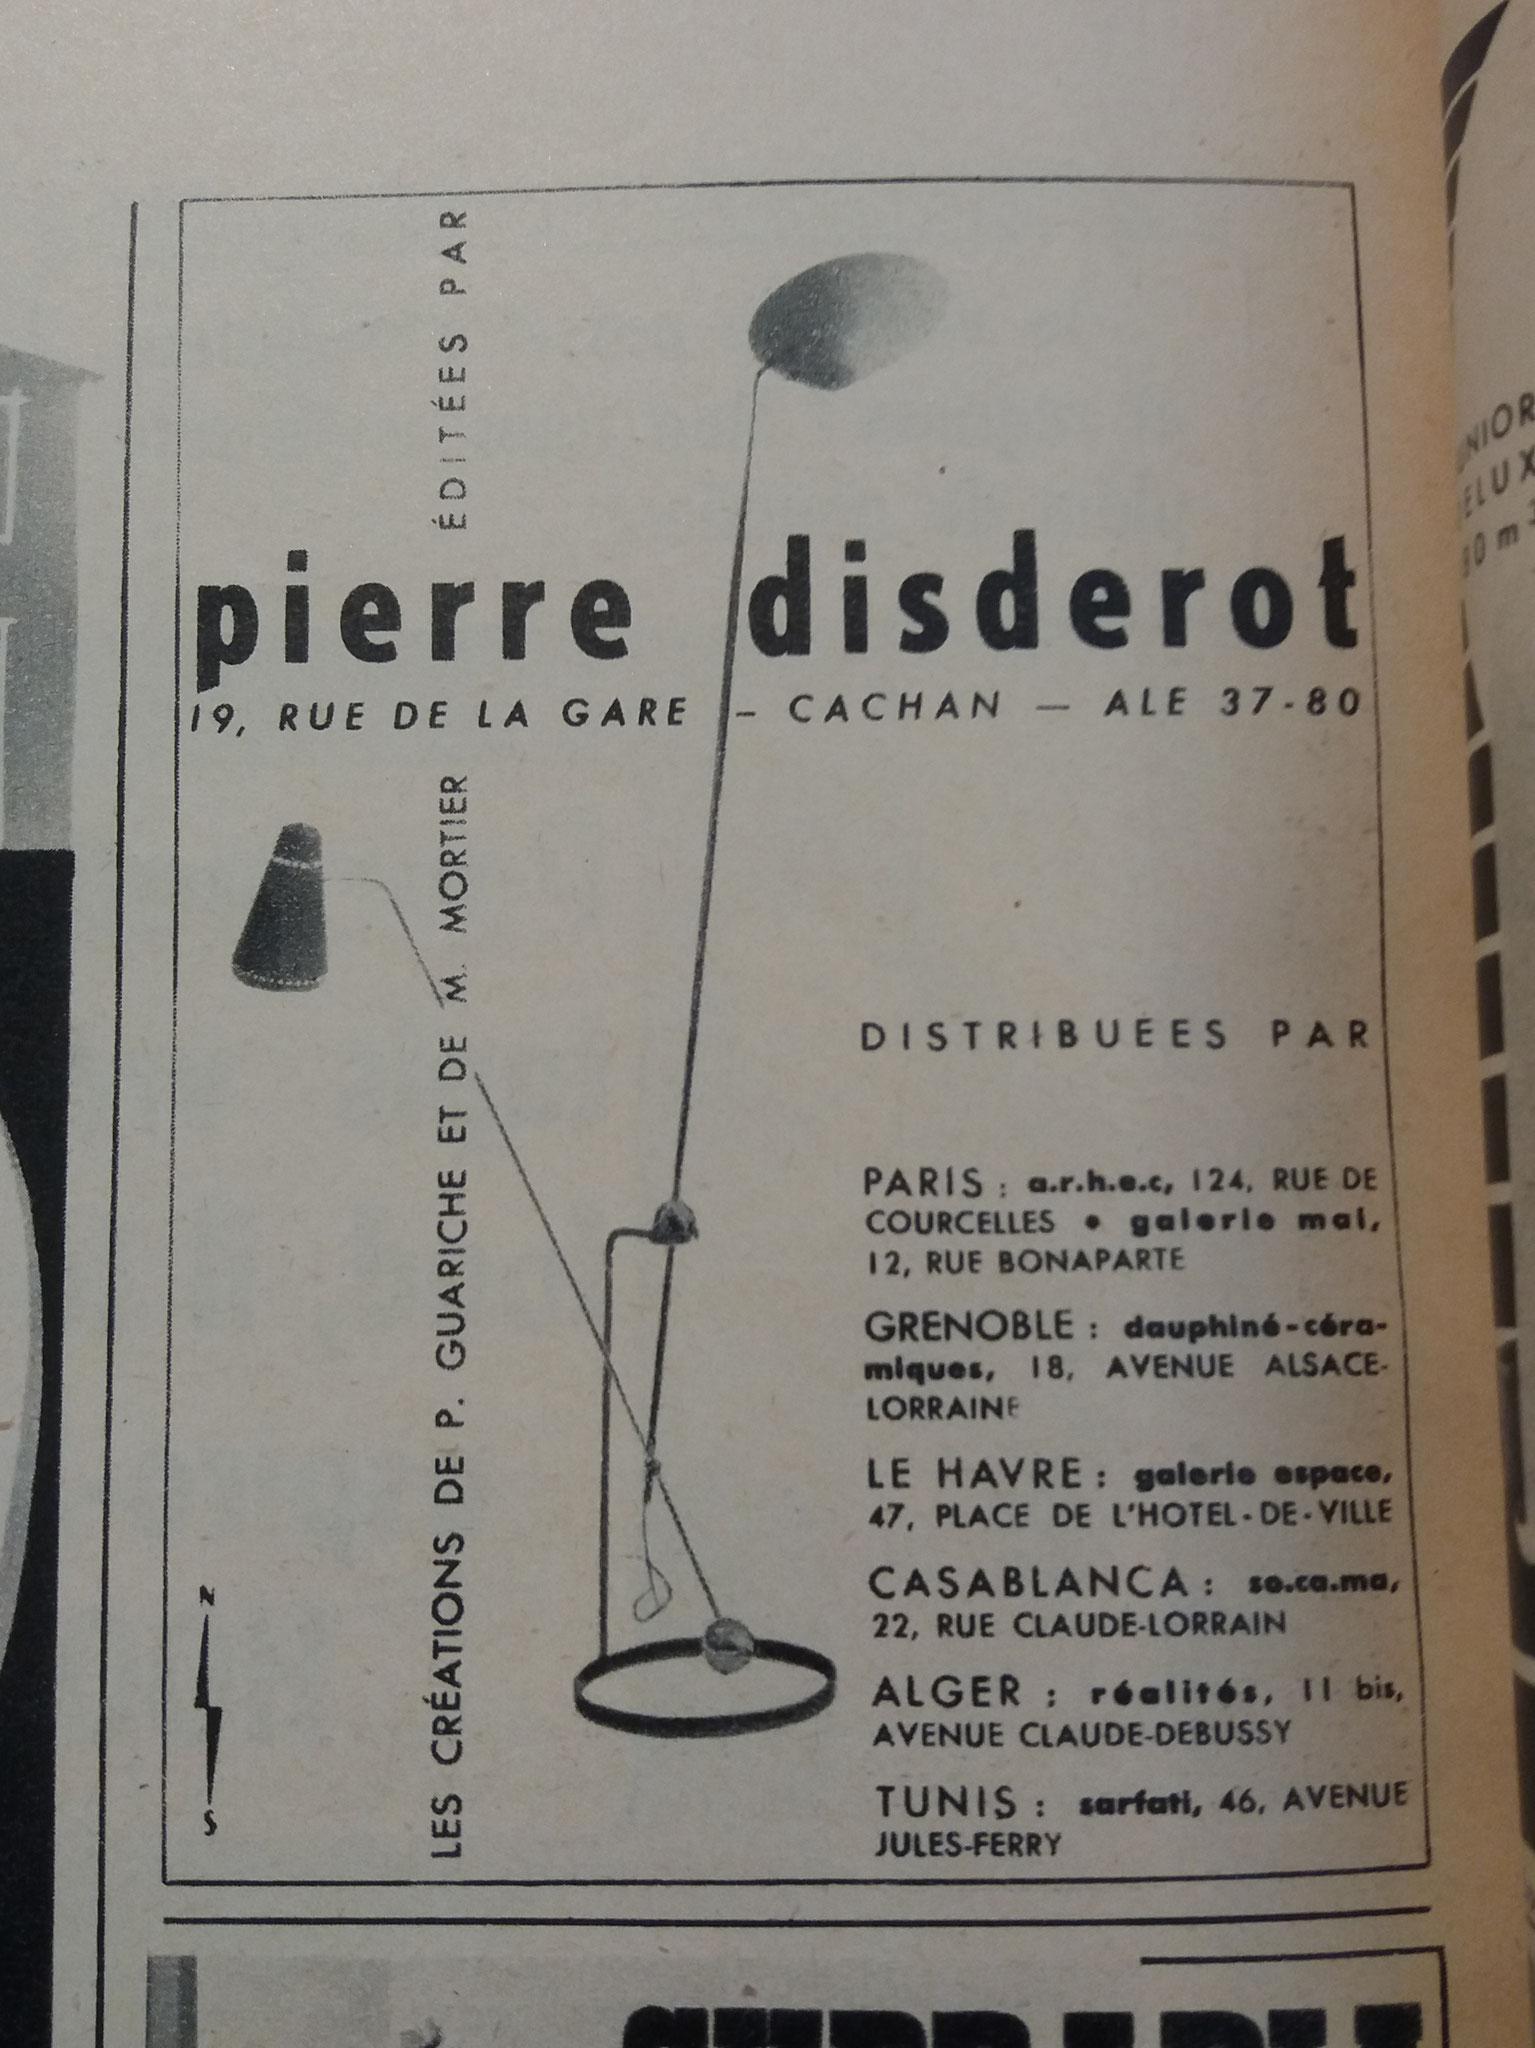 Publicité Disderot, c. 1952